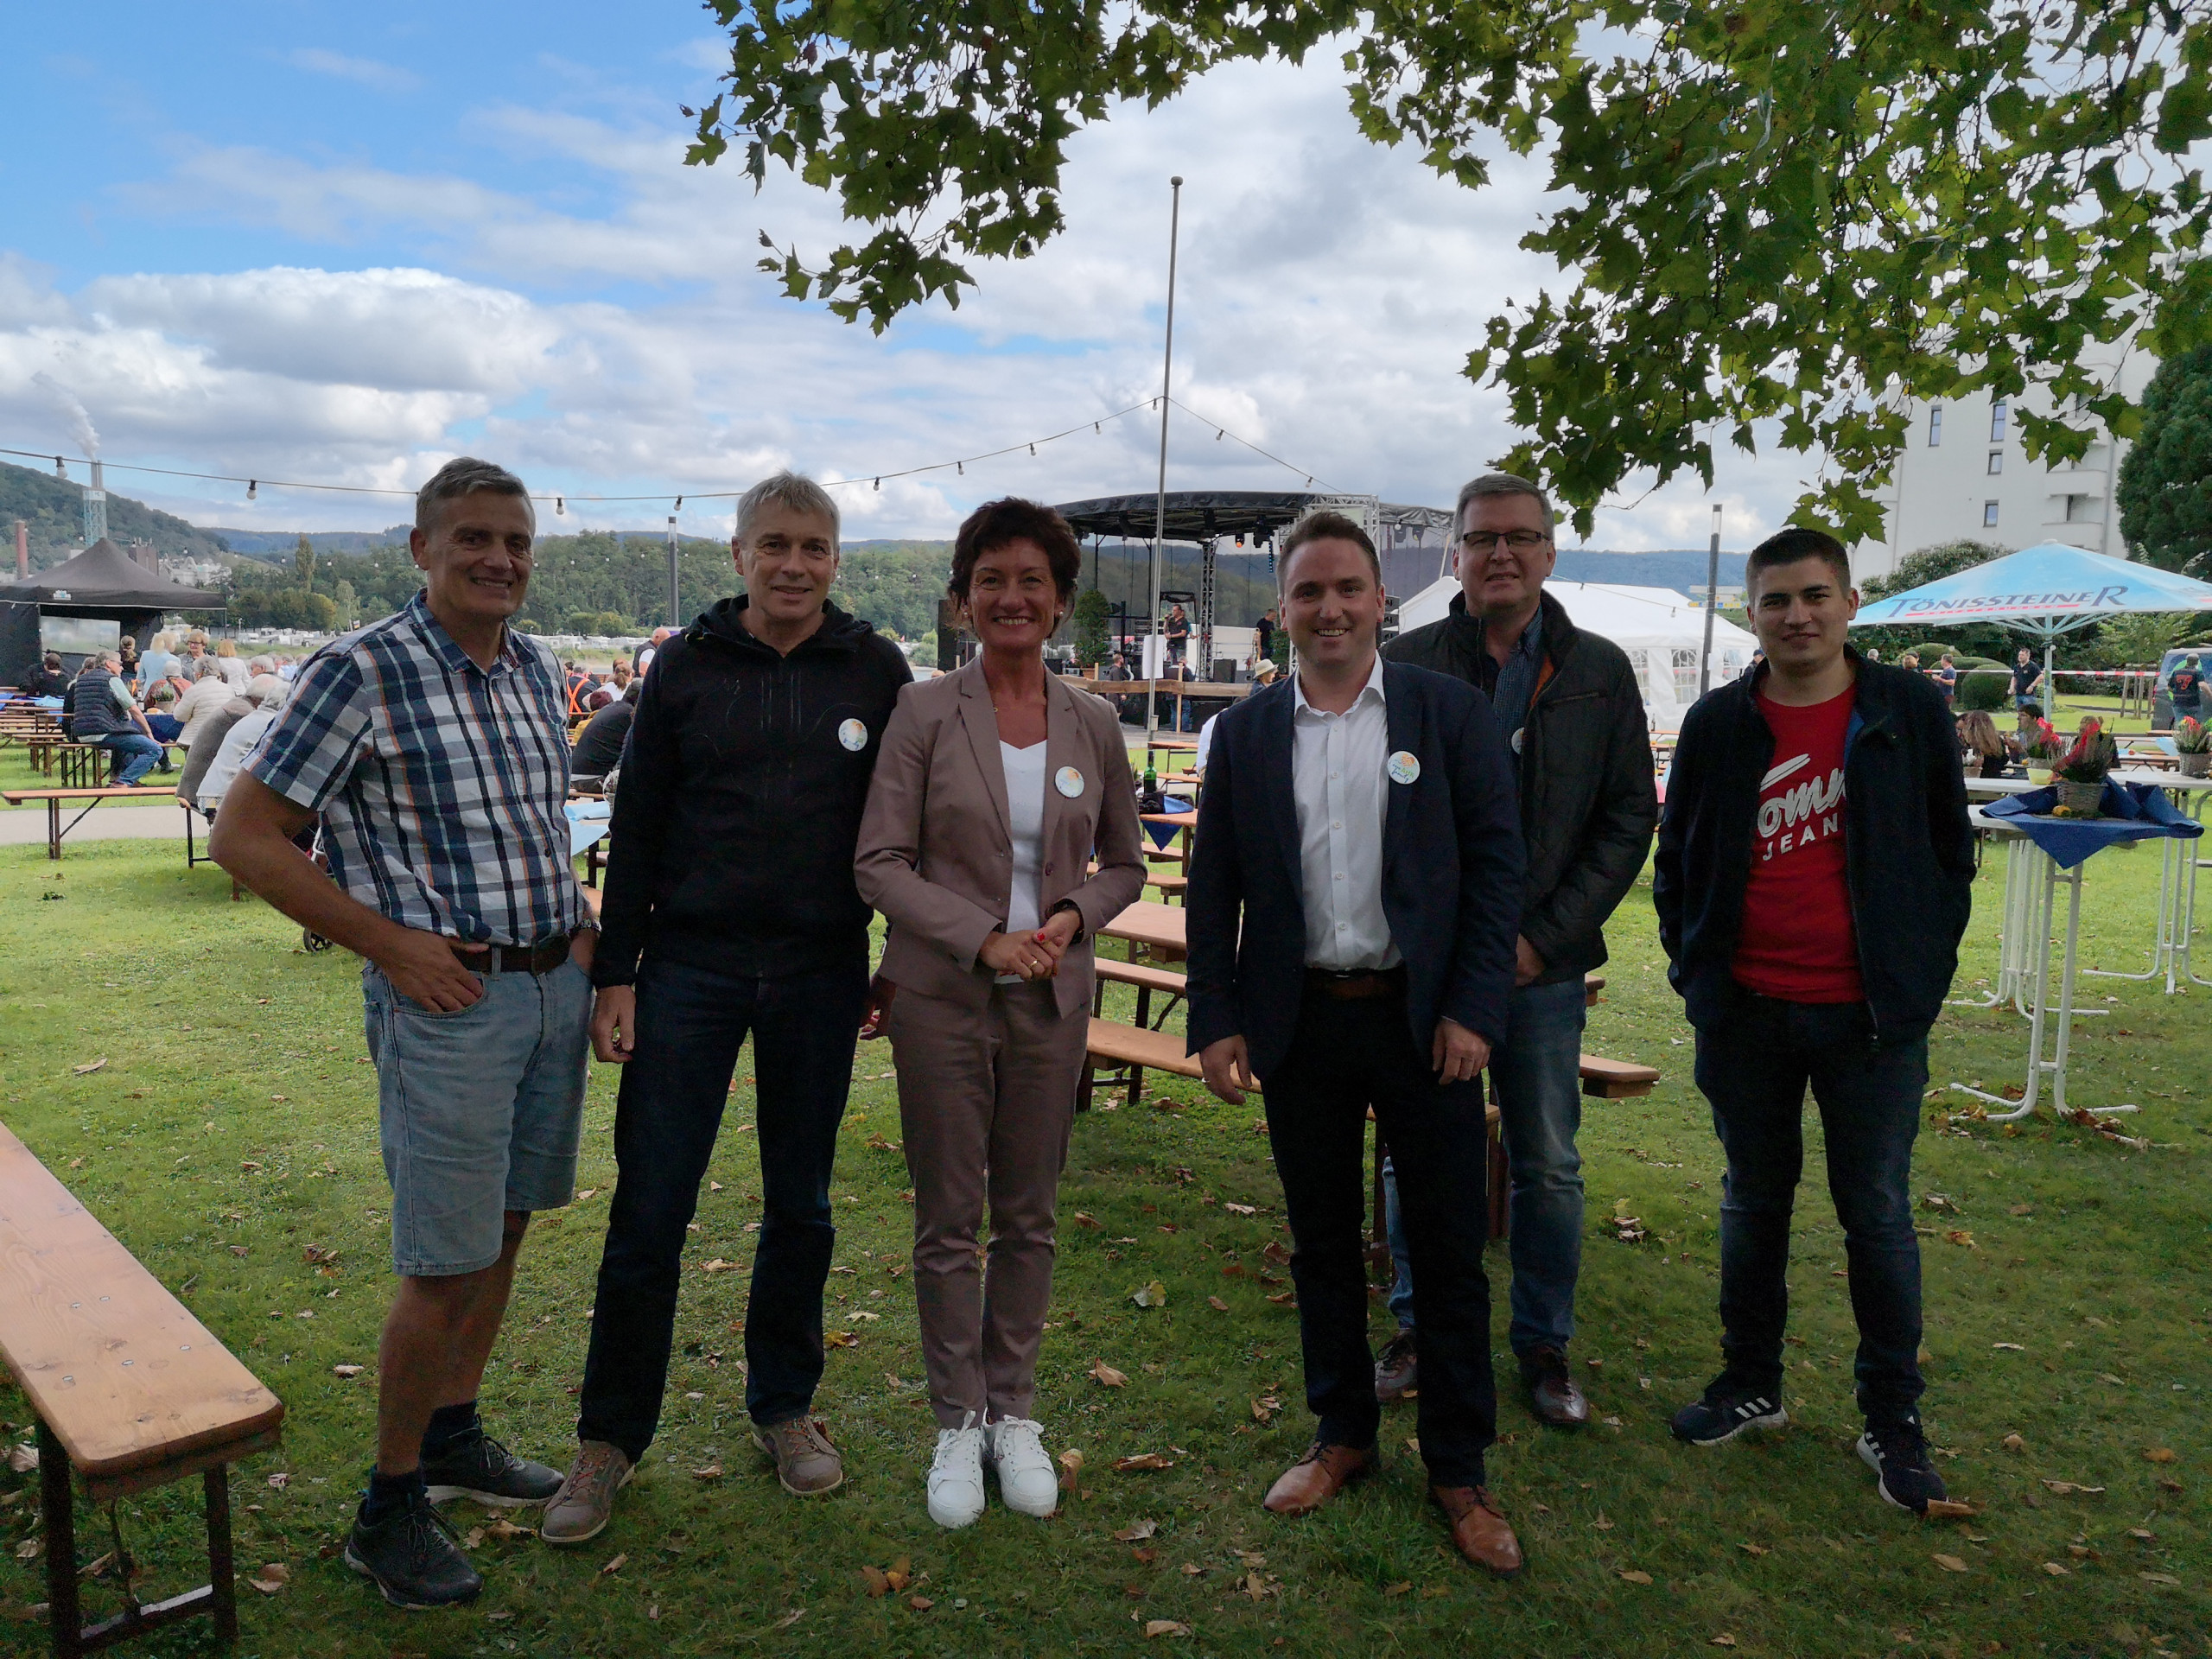 MDL Petra Schneider und Bürgermeister Marcel Caspers mit freiwilligen Helfern der Beneifzveranstaltung weAHRfamily